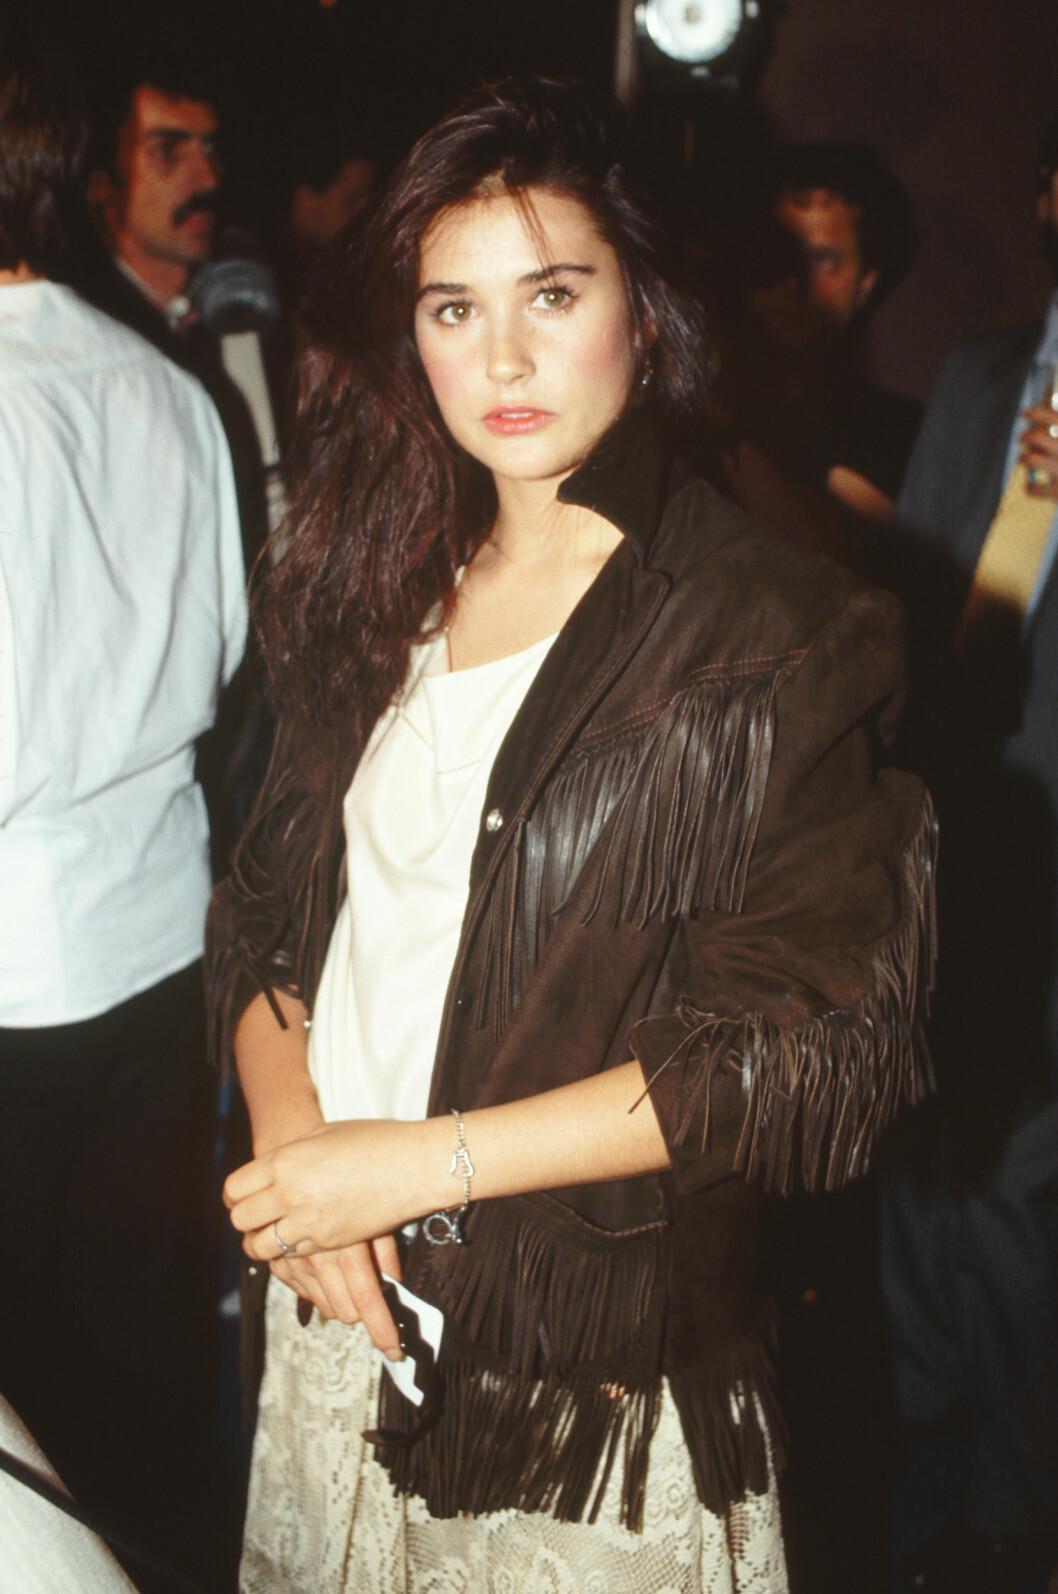 Demi Moore i 1985, i en oversized skinnjakke med frynser som det nok var svært mange som drømte om å ha. Foto: (c) CORBIS/All Over Press